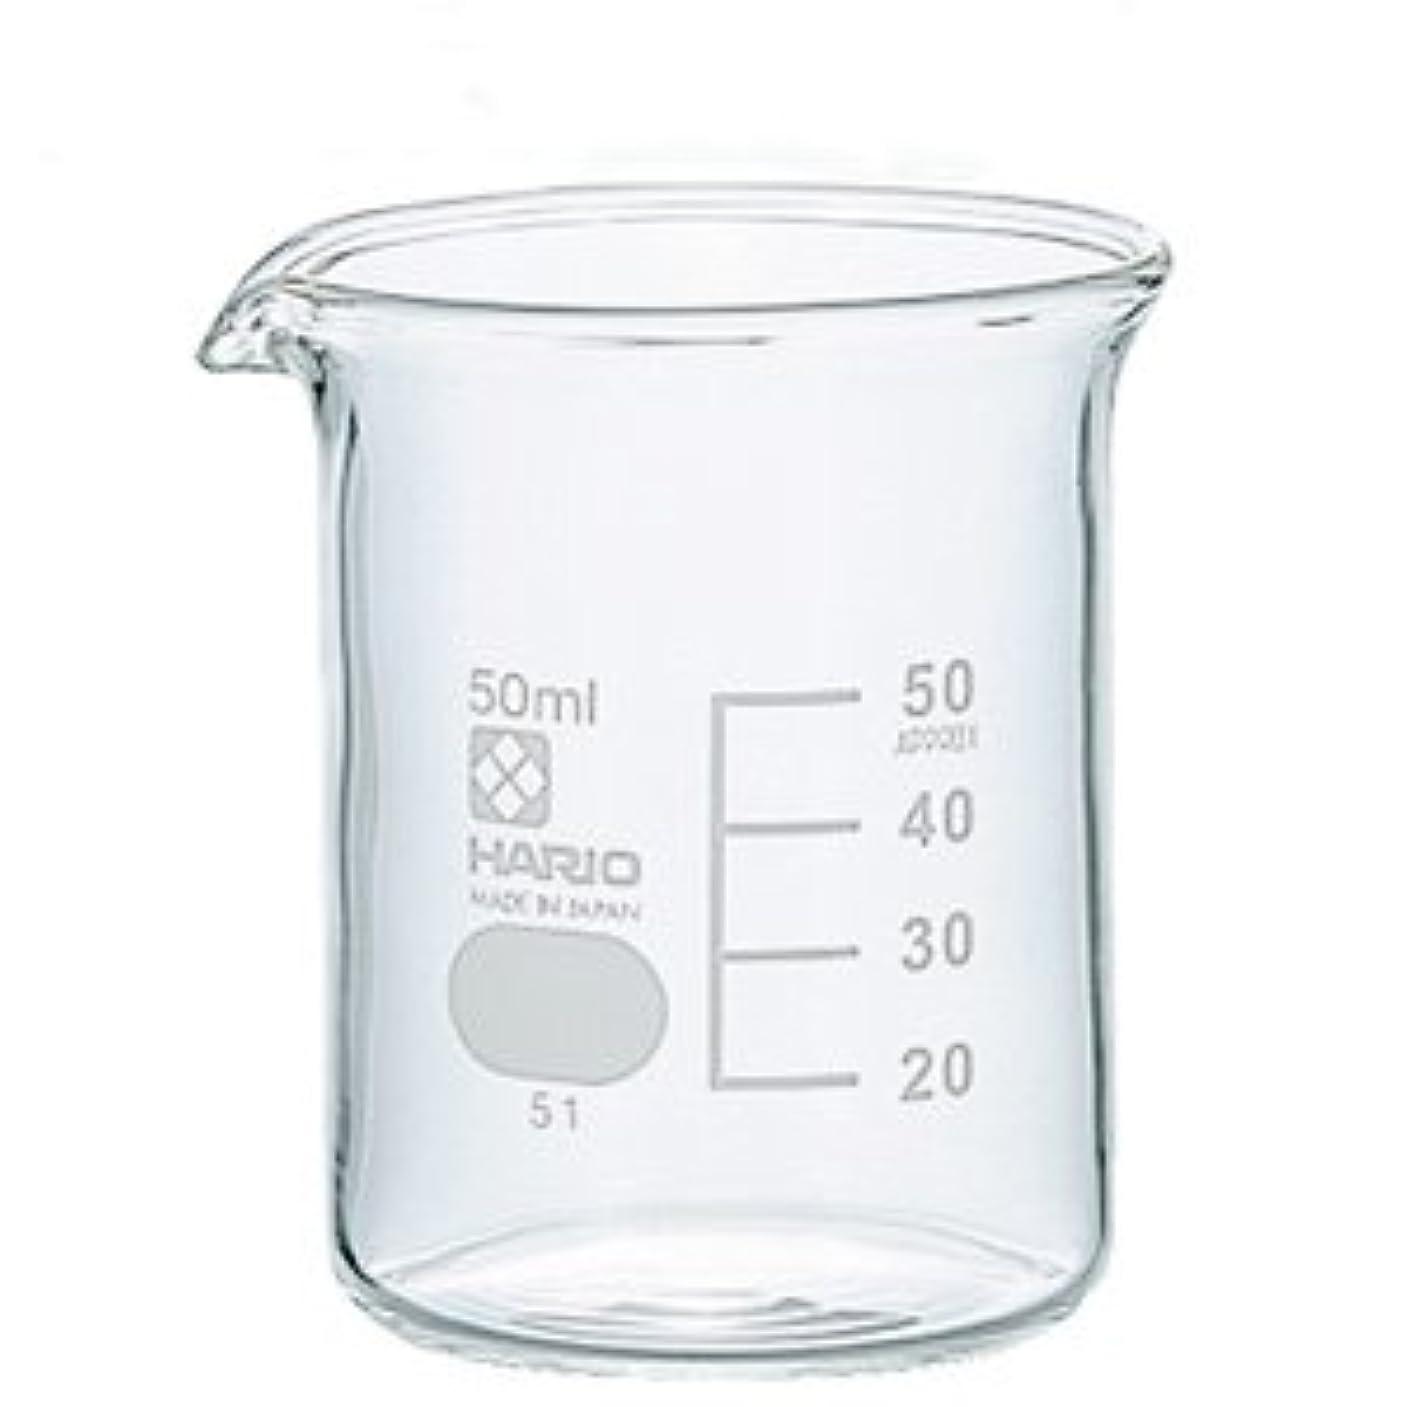 発見リップジャングルガラスビーカー 50ml 【手作り石鹸/手作りコスメ/手作り化粧品】